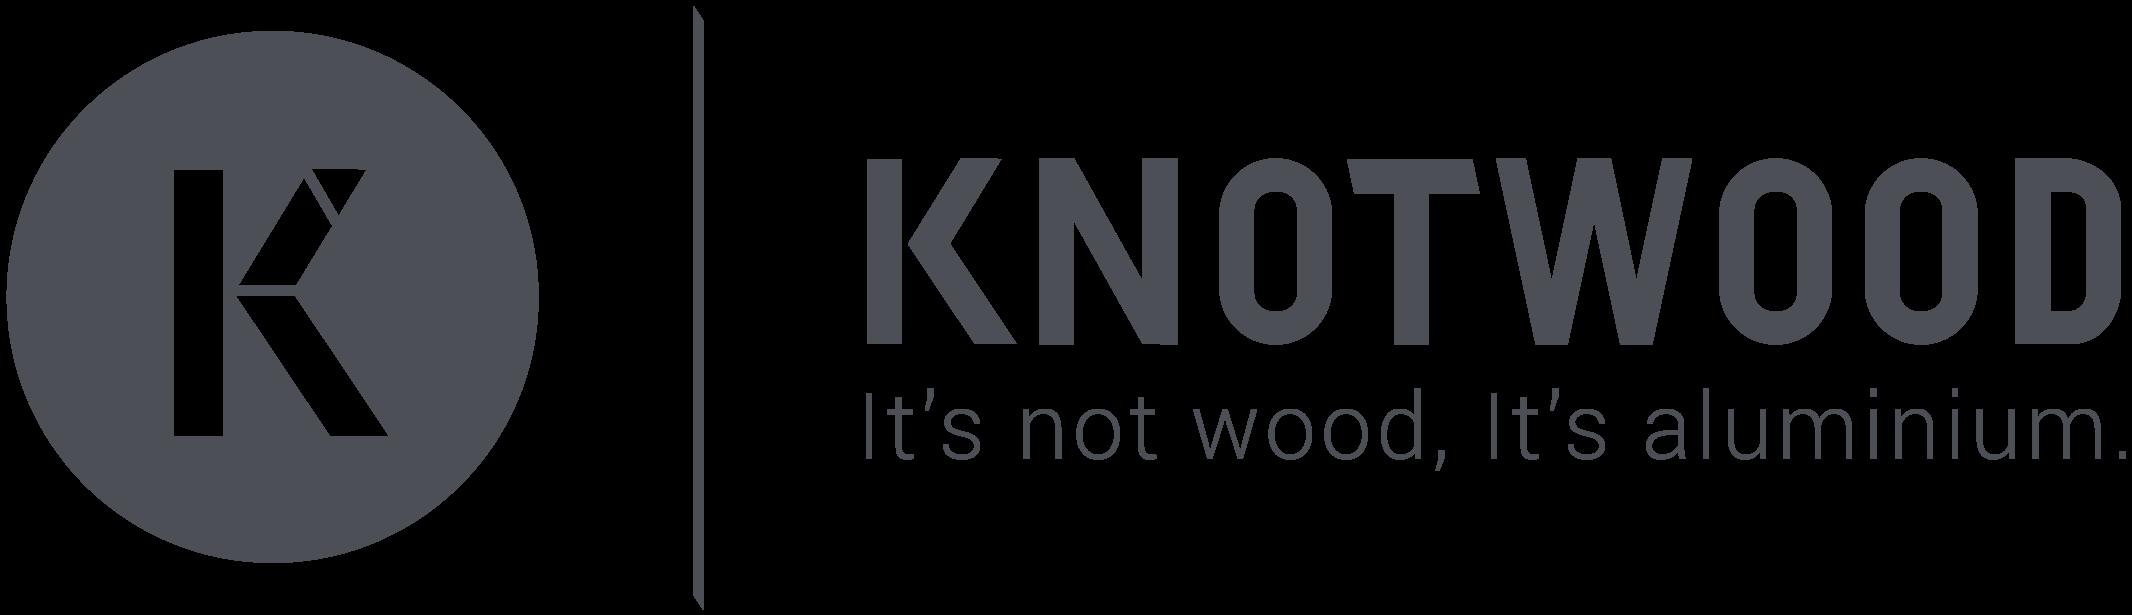 Knotwood UK